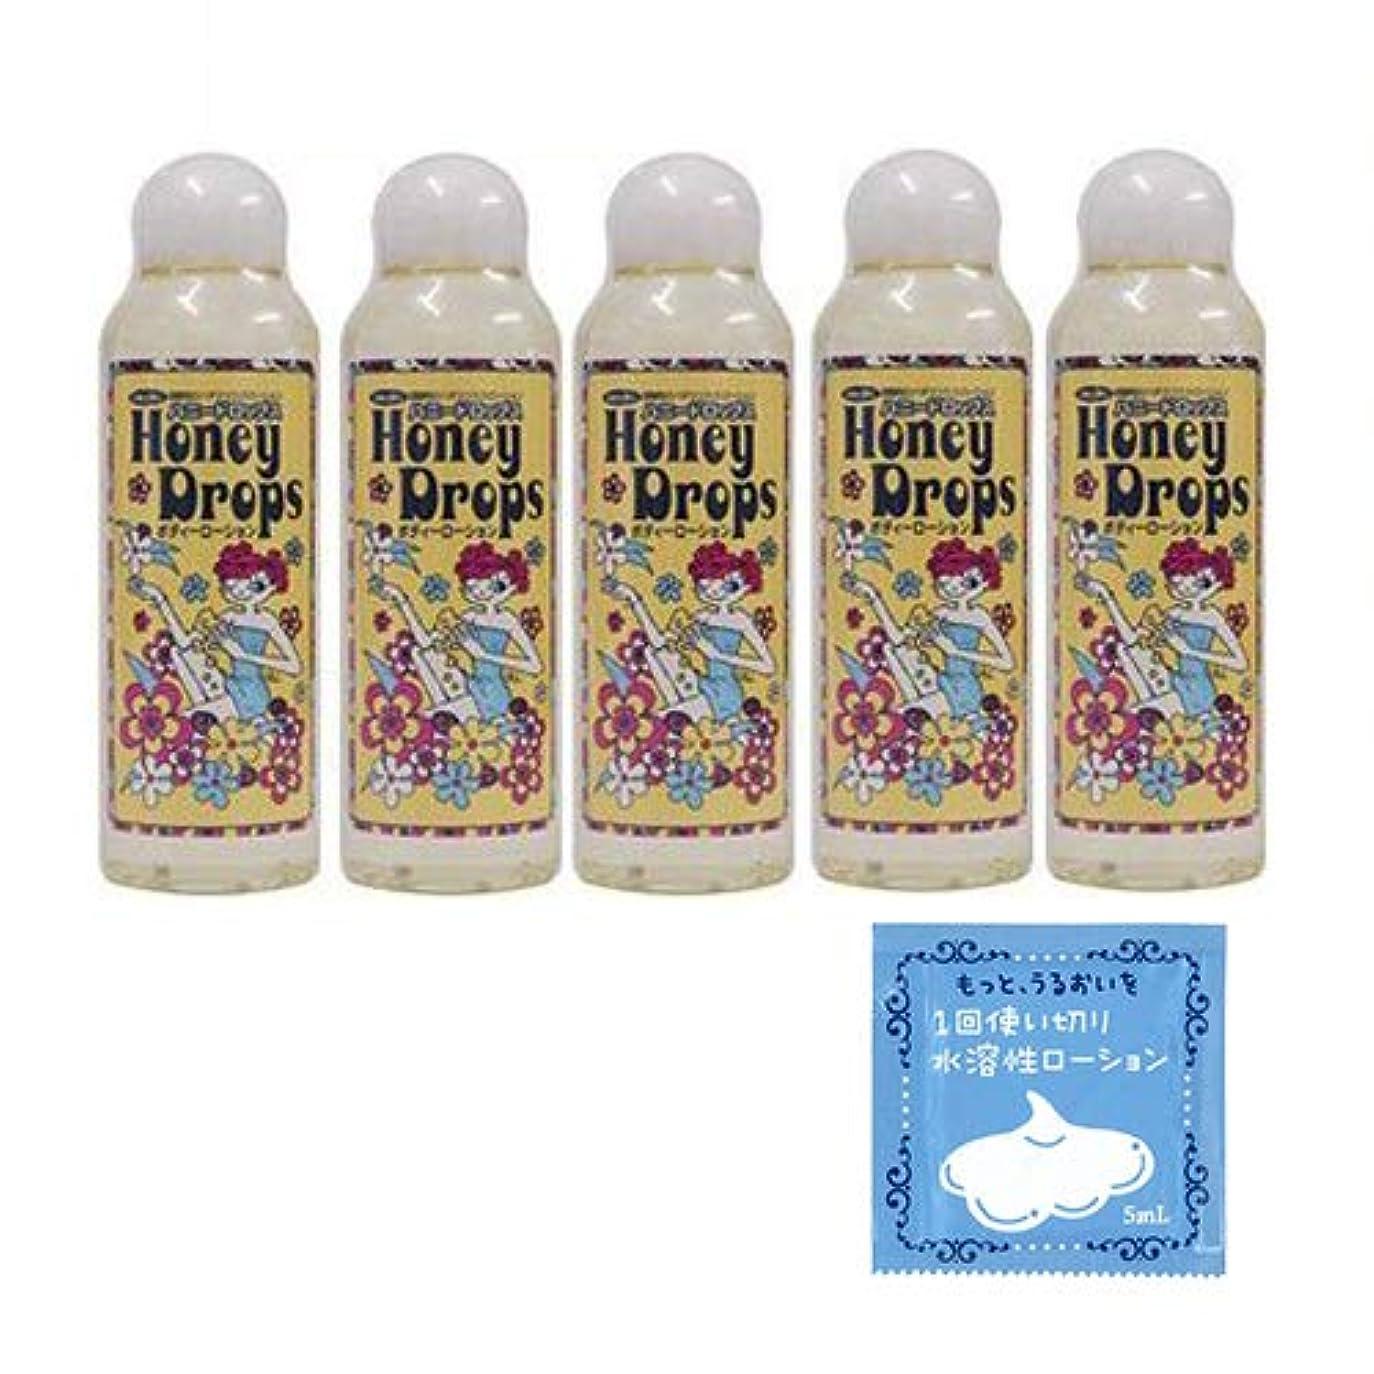 抱擁記事八百屋ハニードロップス150mL HoneyDrops150 ×5本 +1回使い切り水溶性潤滑ローション